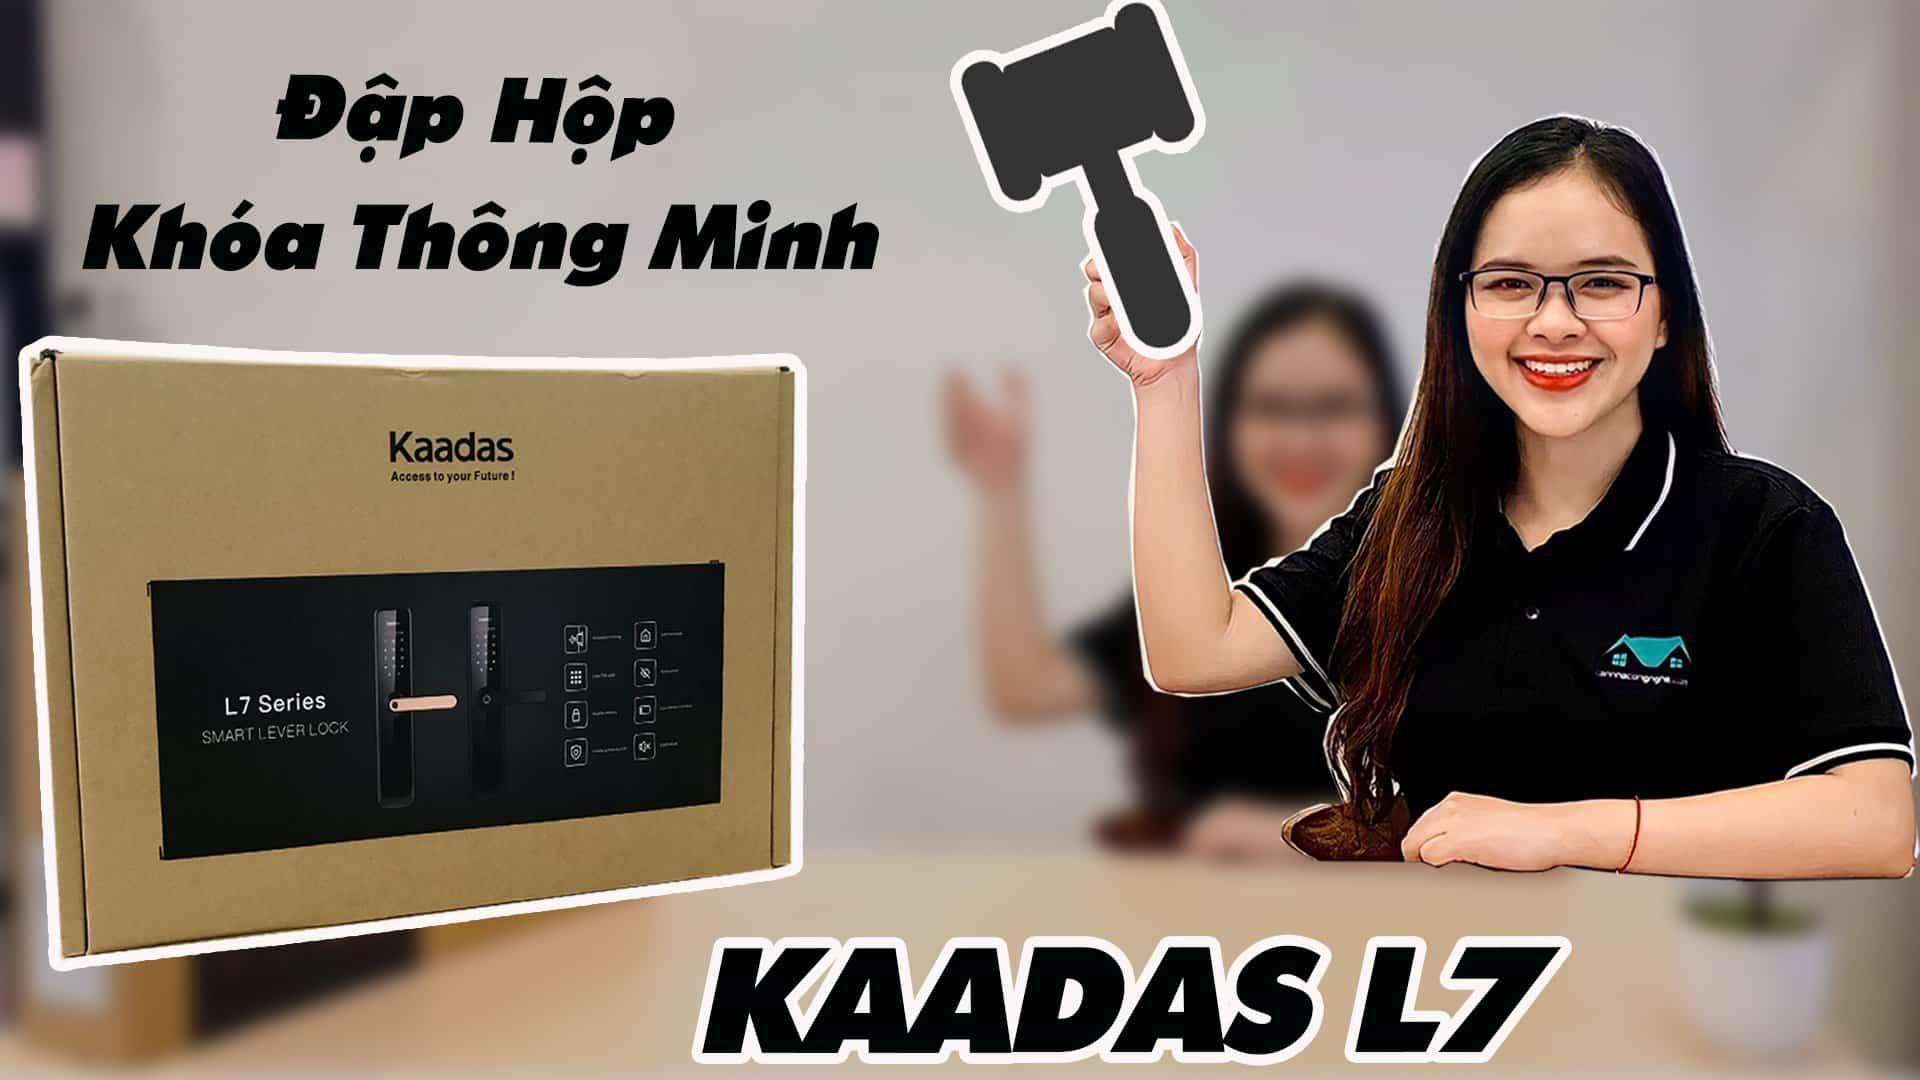 Đập hộp khóa vân tay Kaadas L7